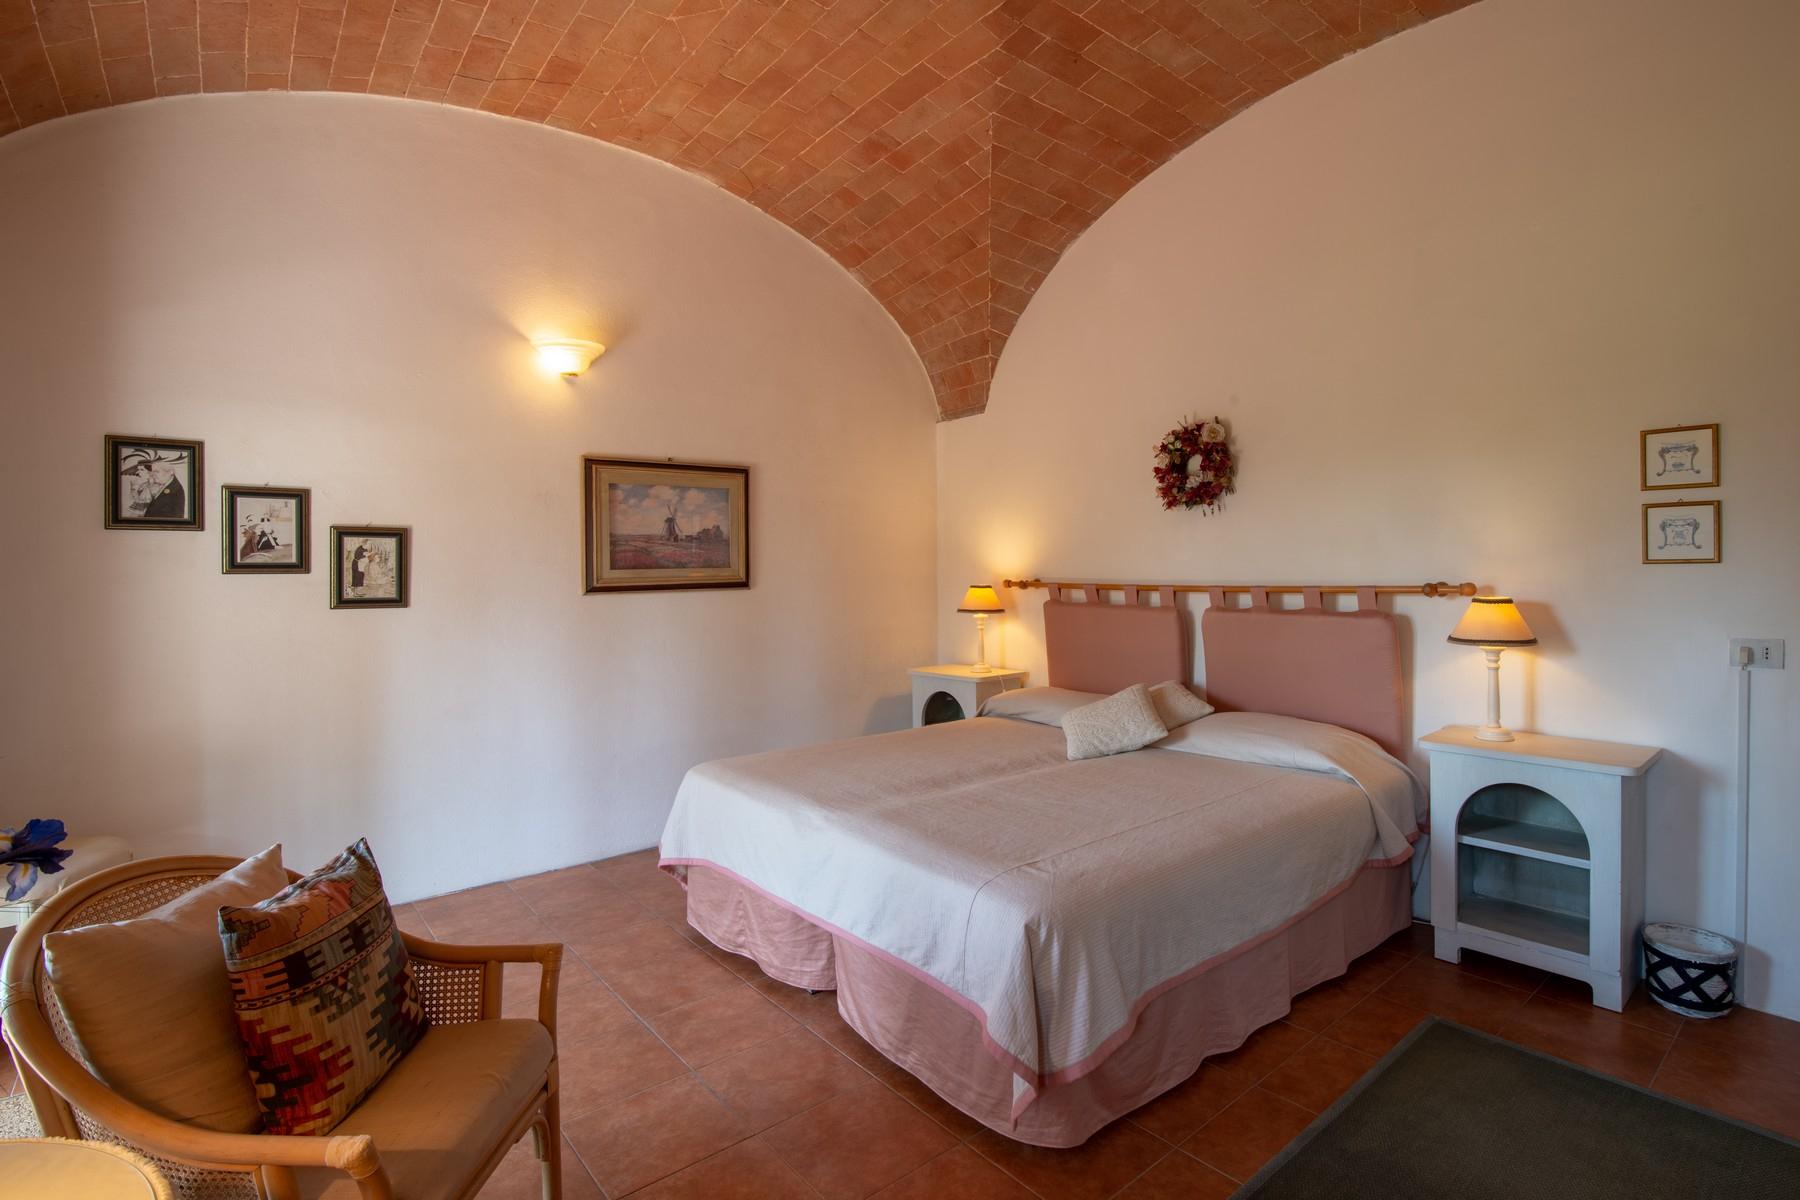 Rustico in Vendita a San Gimignano: 5 locali, 615 mq - Foto 15